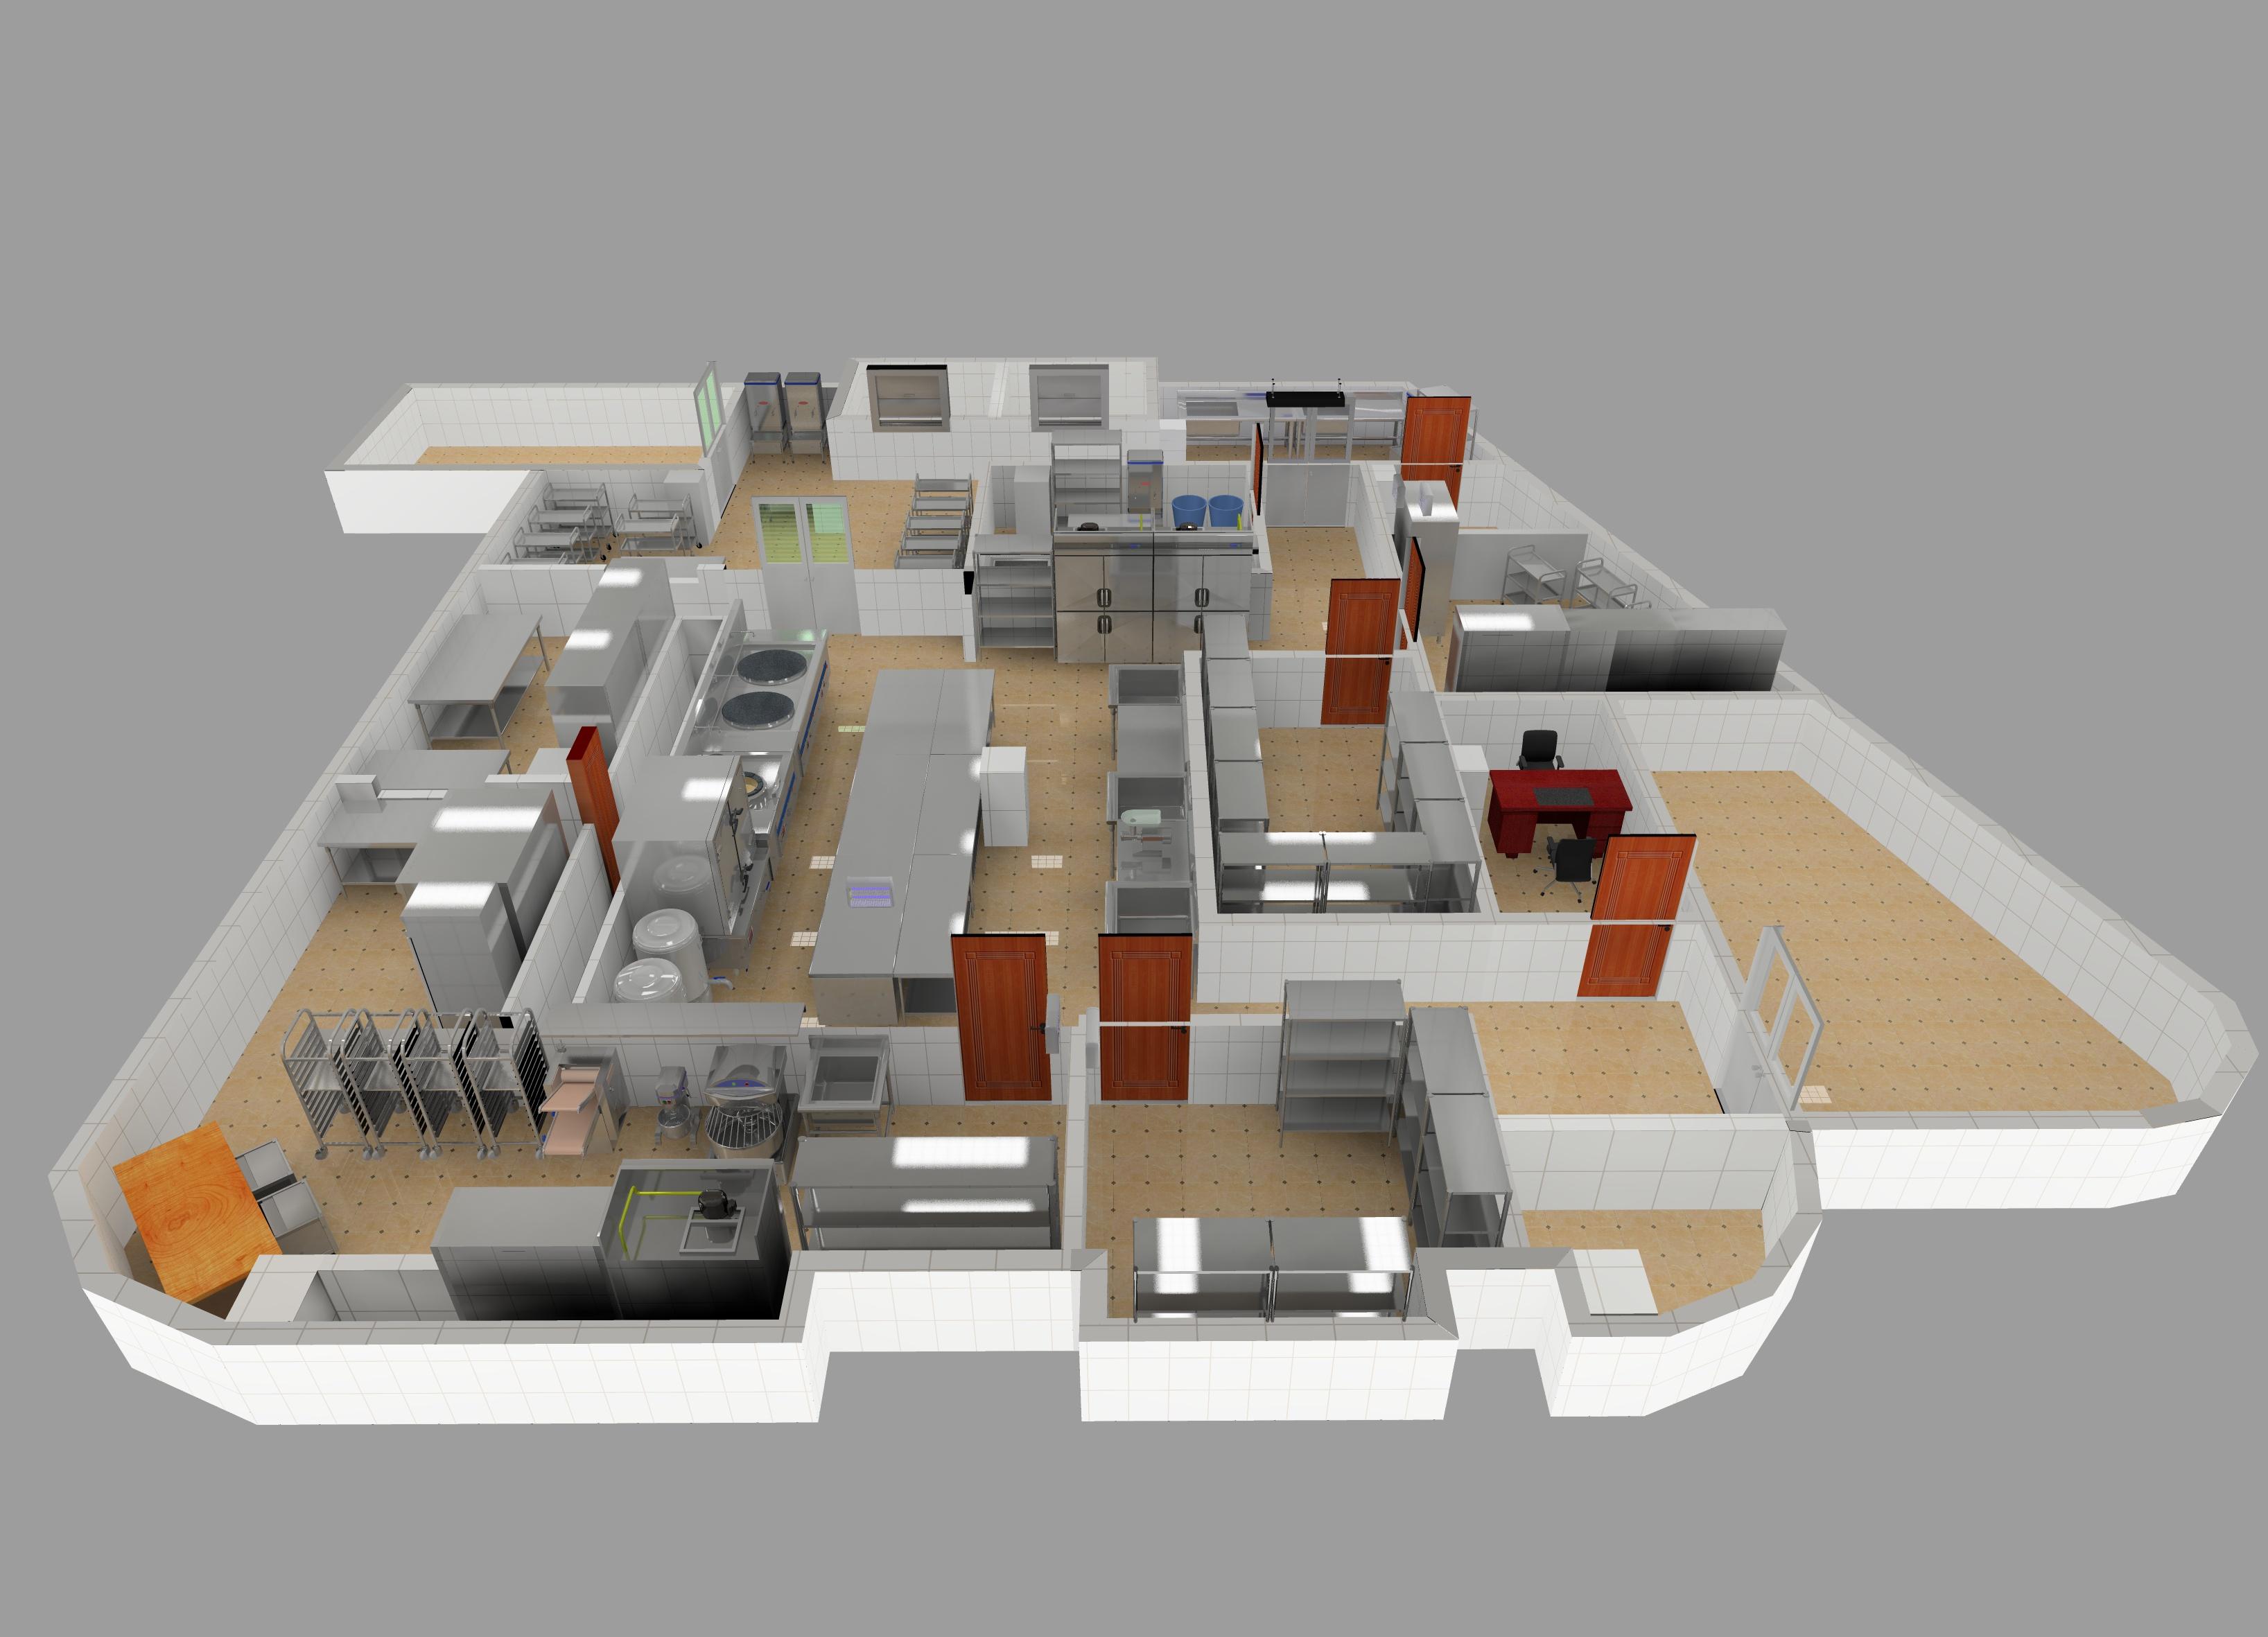 幼儿园厨房平面图及效果图设计方案